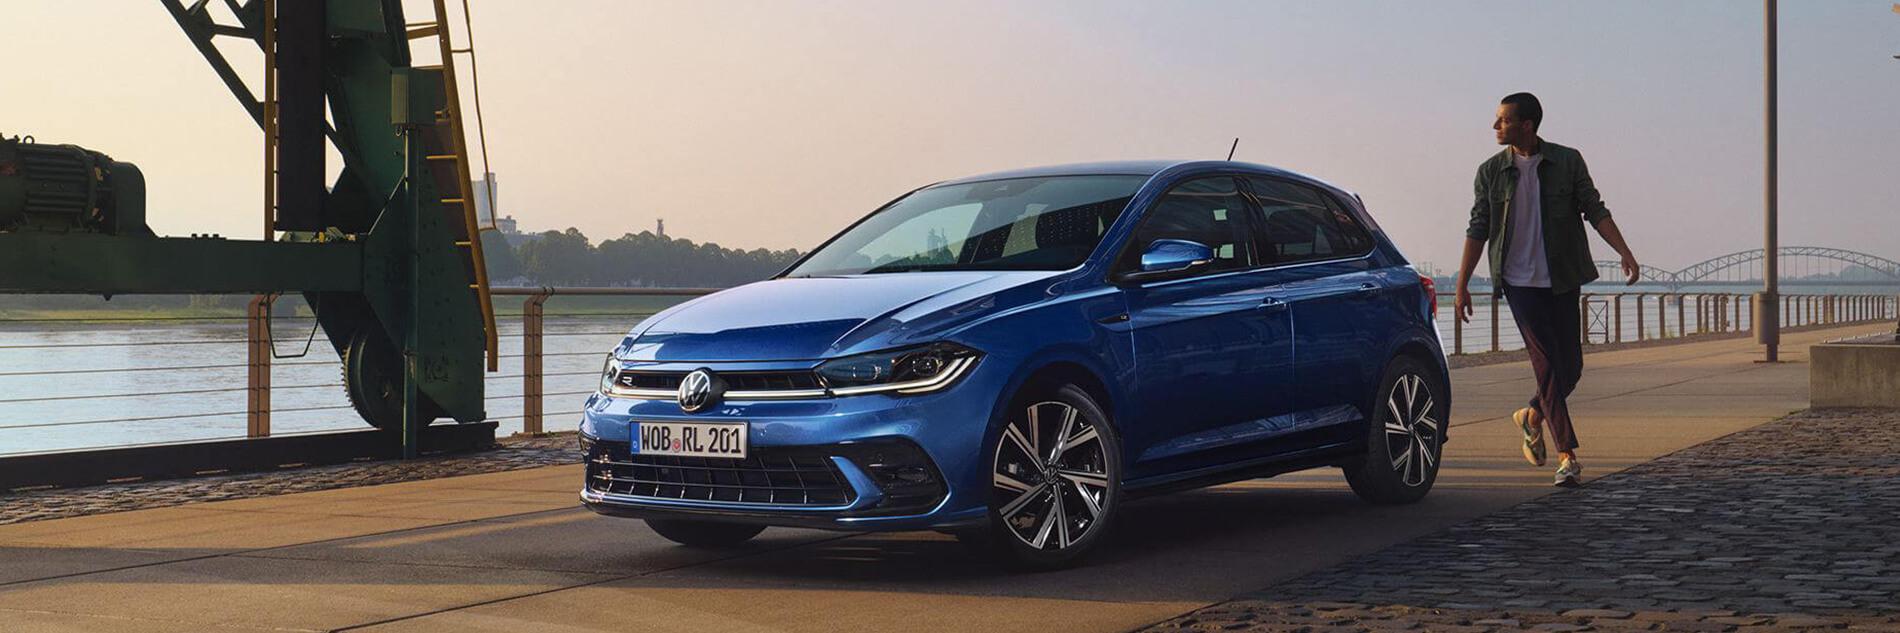 Volkswagen-Polo-2022-header-1900x633-a